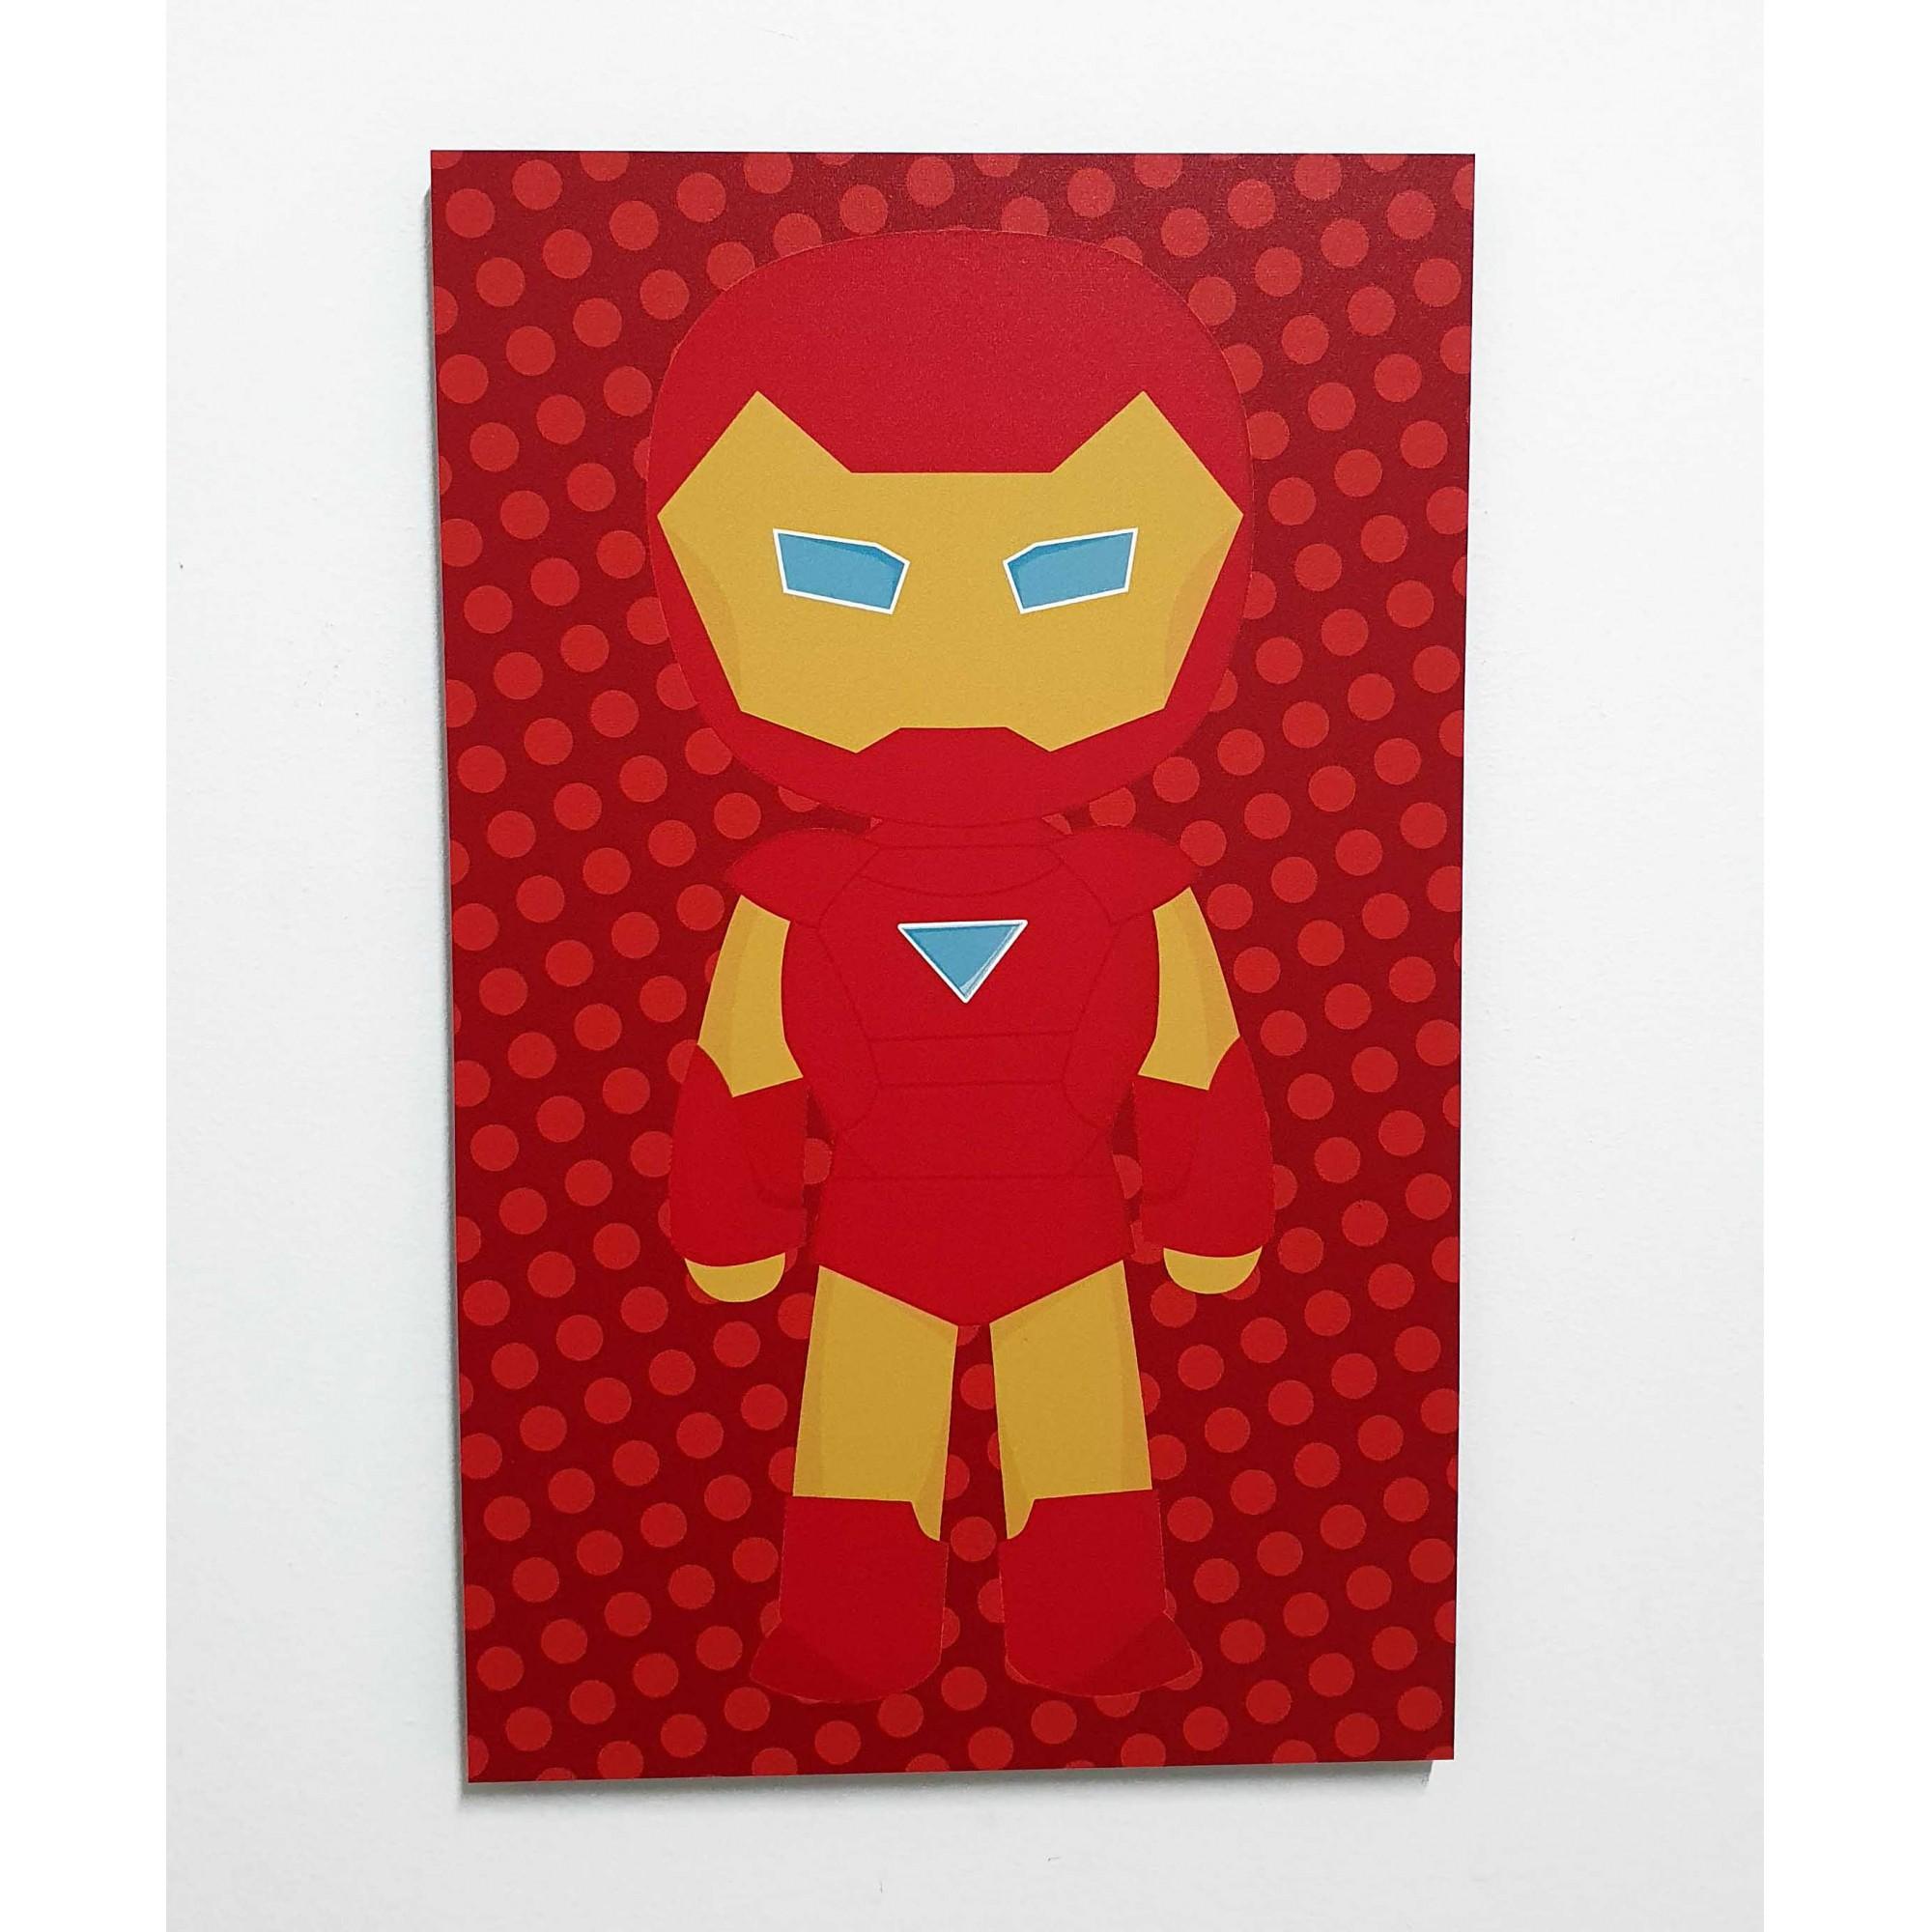 Quadro Decorativo Infantil Mini Vingadores - Homem de Ferro (Iron Man) 42x26cm ou 30x18cm